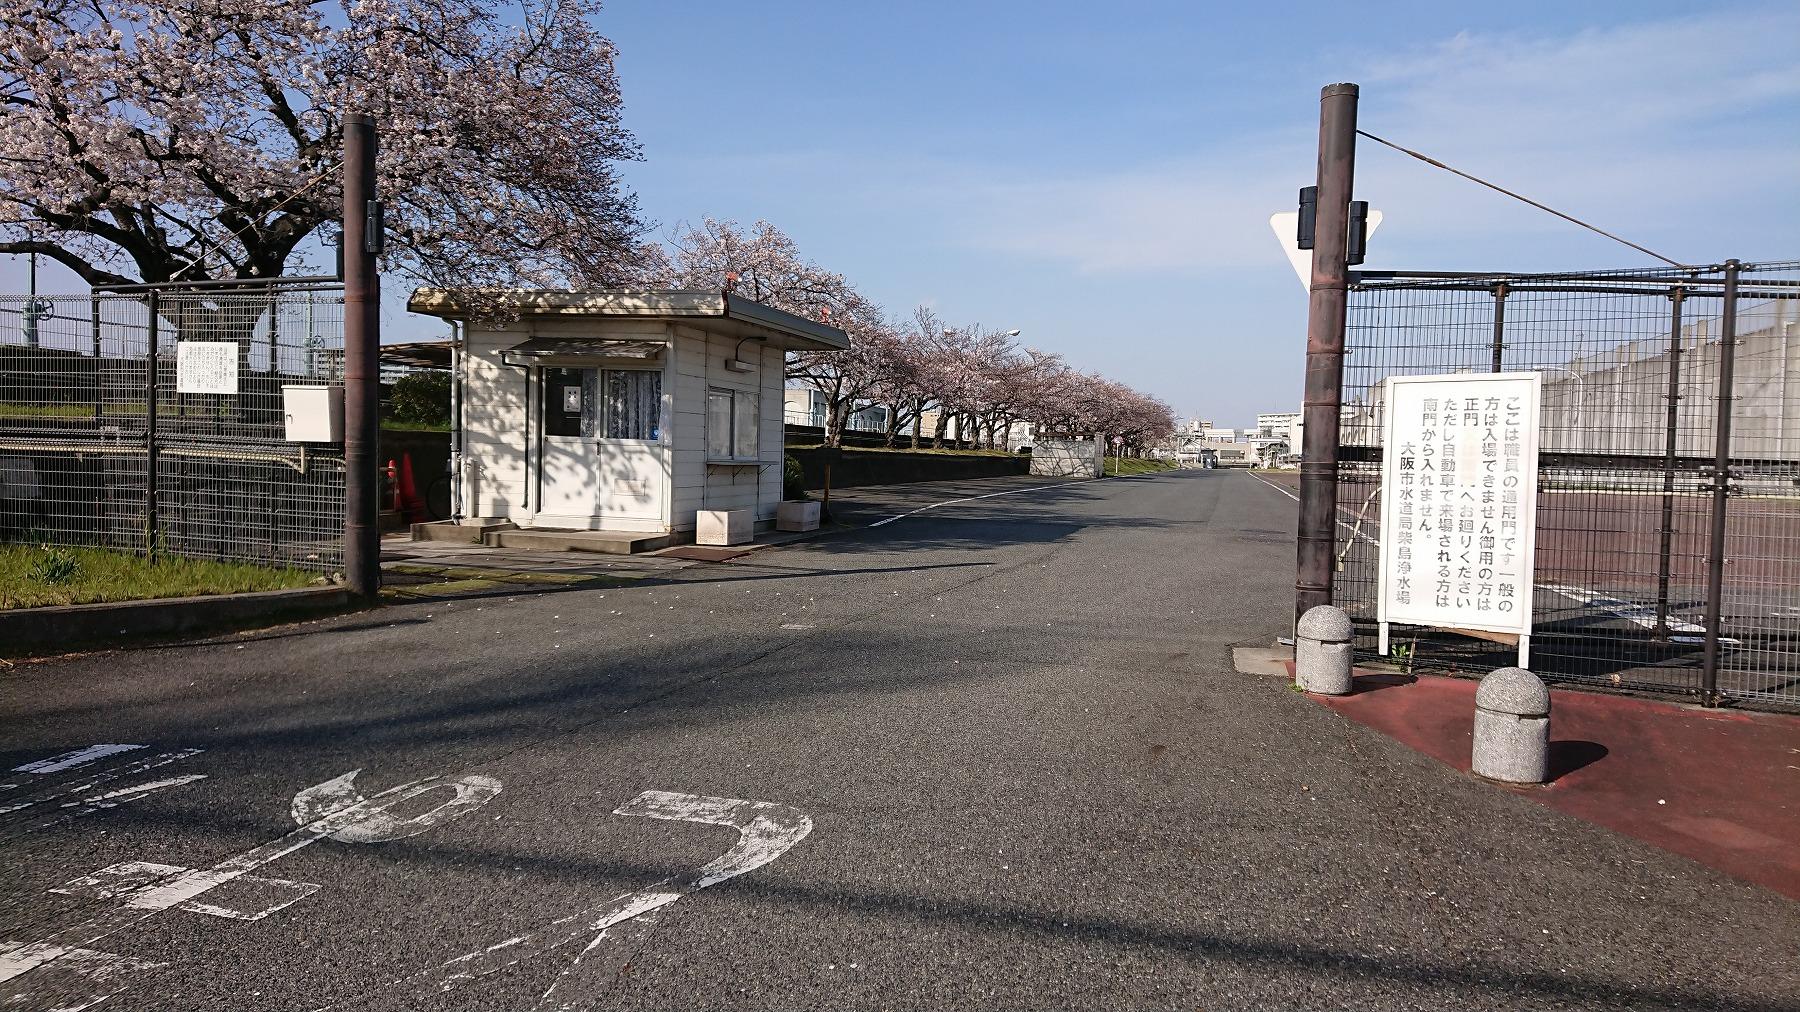 淡路駅の賃貸事務所・賃貸オフィス淡路駅前ラボ近くの柴島浄水場の桜